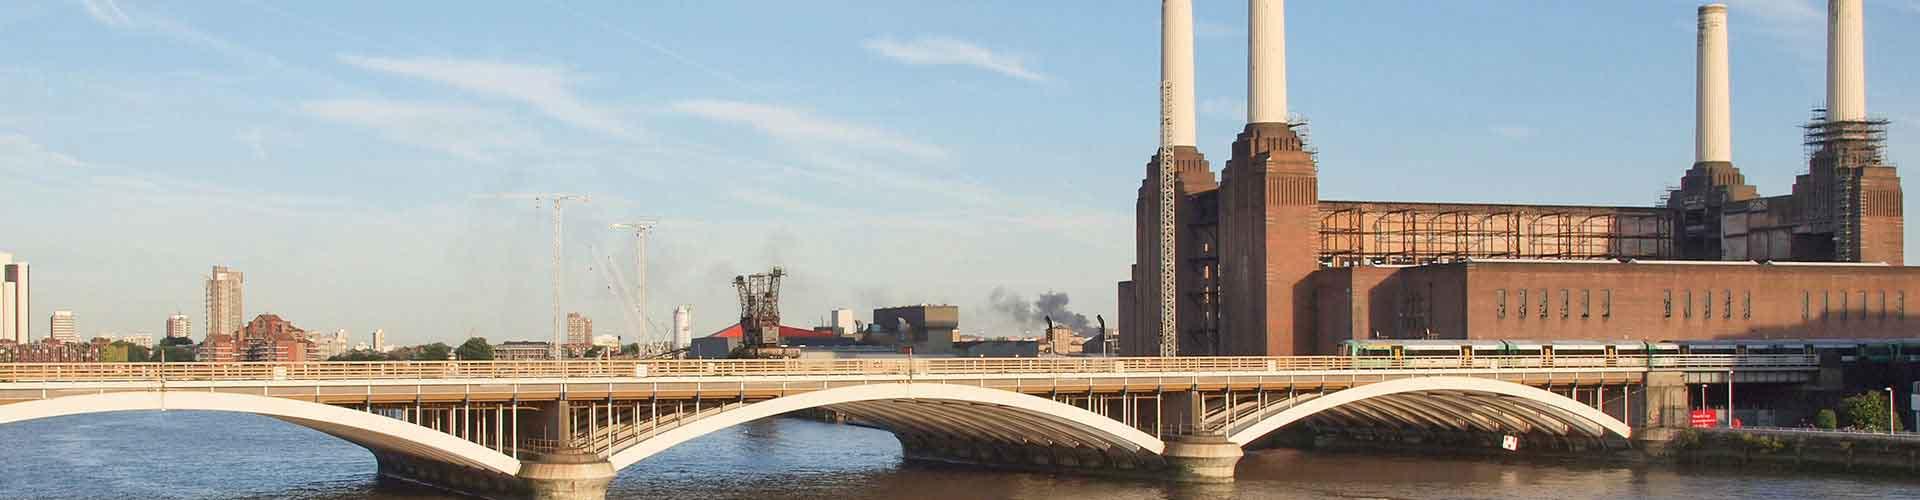 Lontoo – Hostellit lähellä Battersean voimalaitos. Lontoo -karttoja, valokuvia ja arvosteluja kaikista Lontoo -hostelleista.